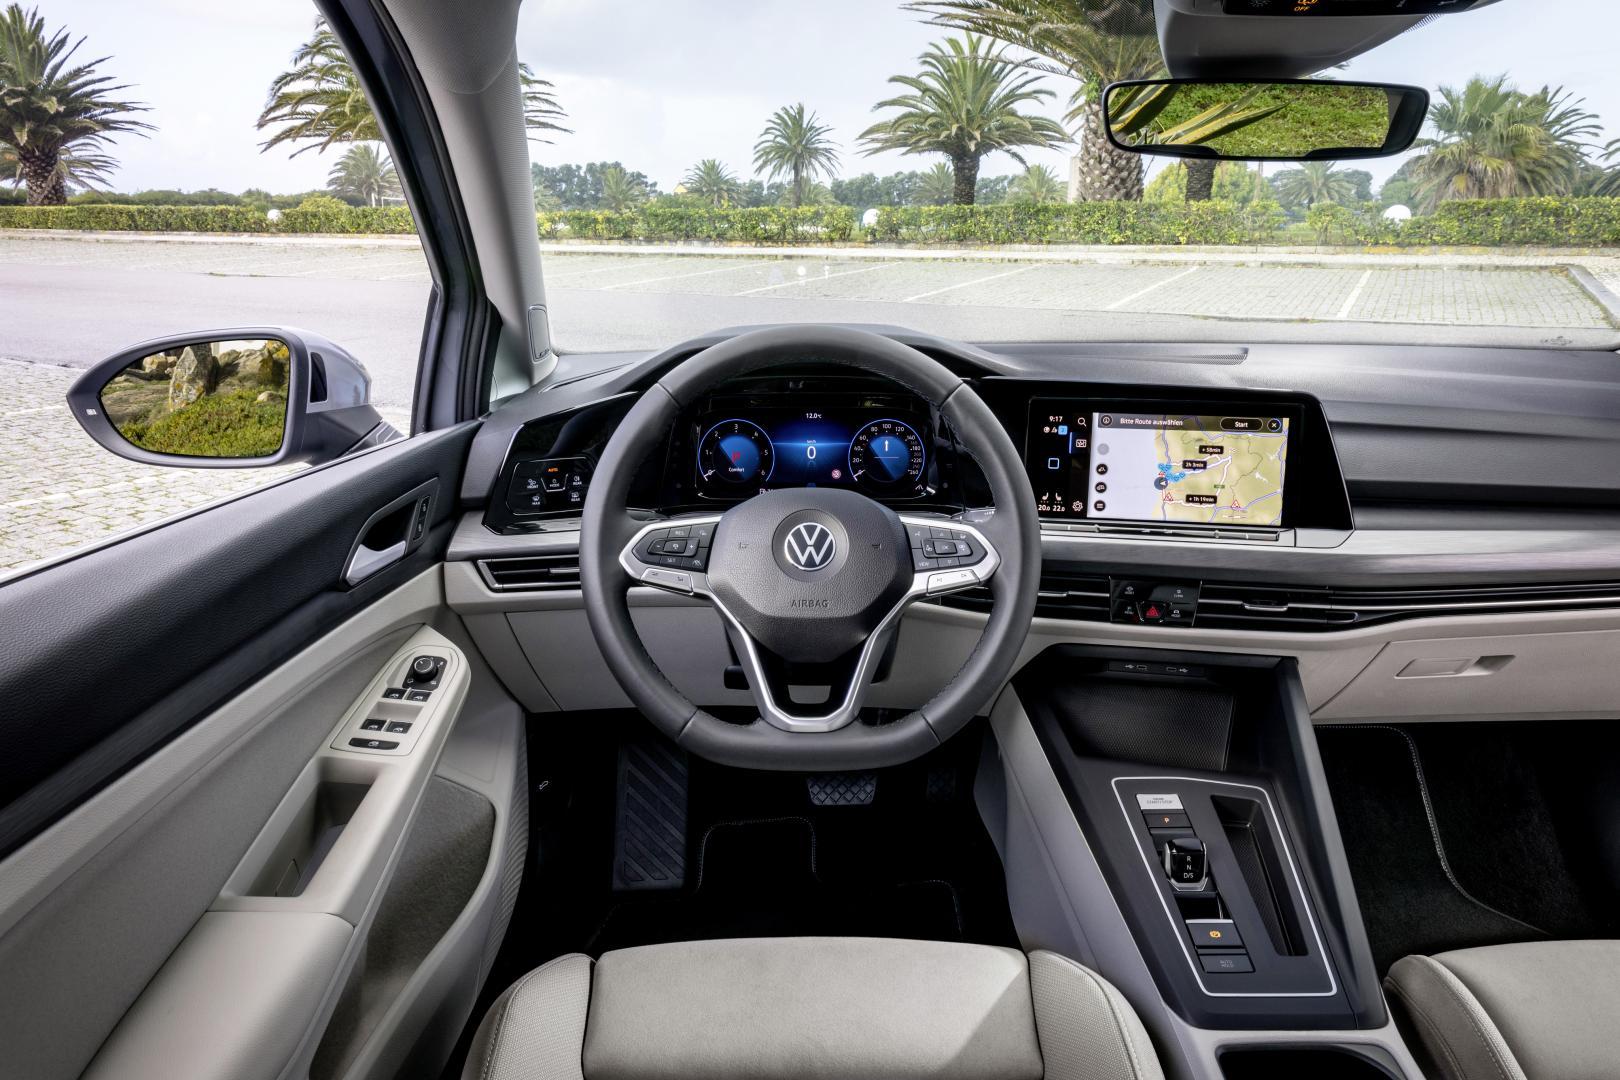 Volkswagen Golf 8 wit interieur dashboard